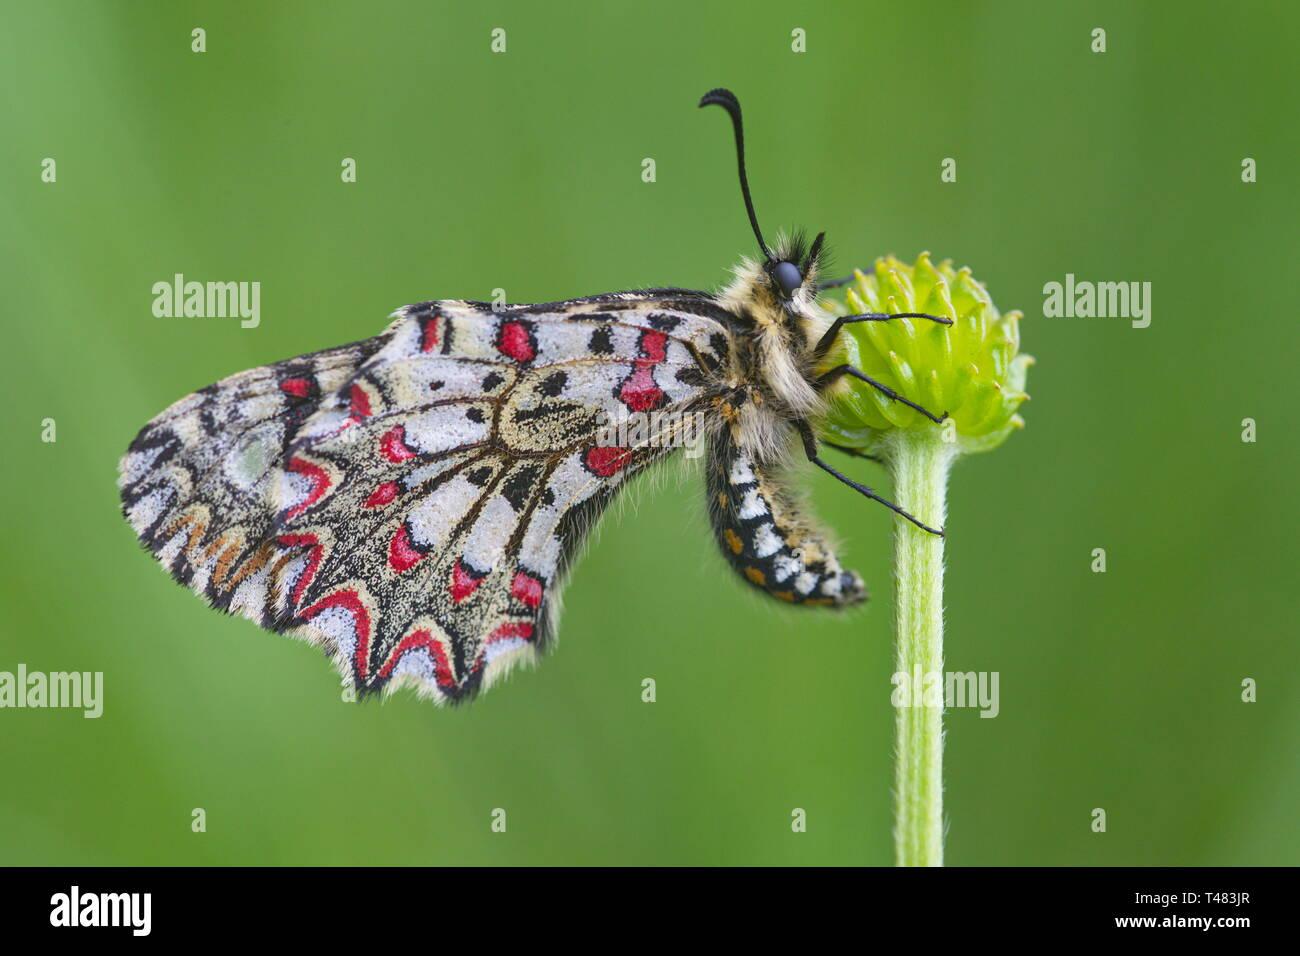 Zerynthia rumina, la decoración española, es una mariposa perteneciente a la familia Papilionidae. Es una especie ampliamente distribuida en España y frecuenta la mayoría hab Foto de stock